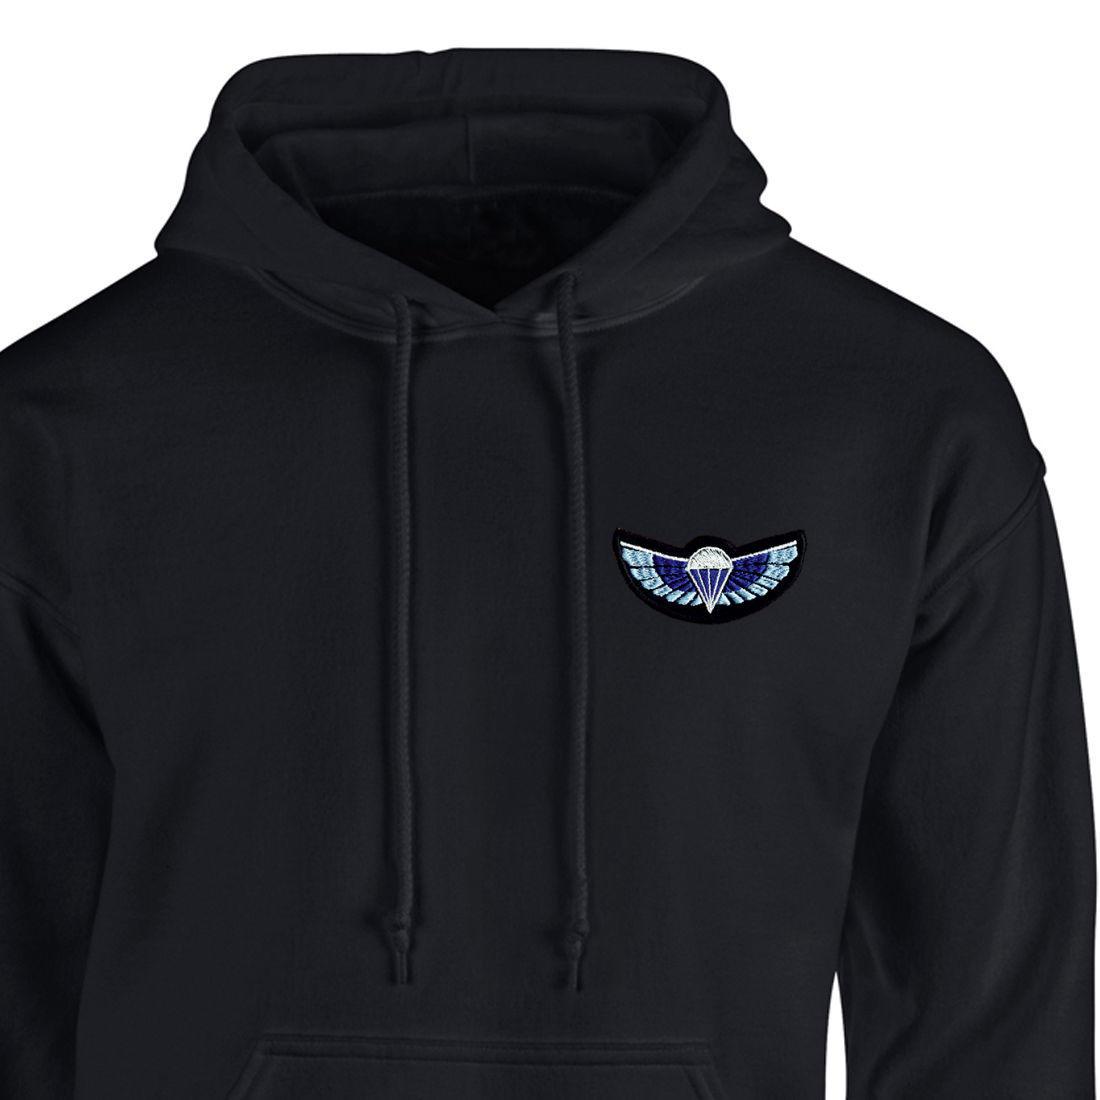 Hoody - Black - Sabre Wings